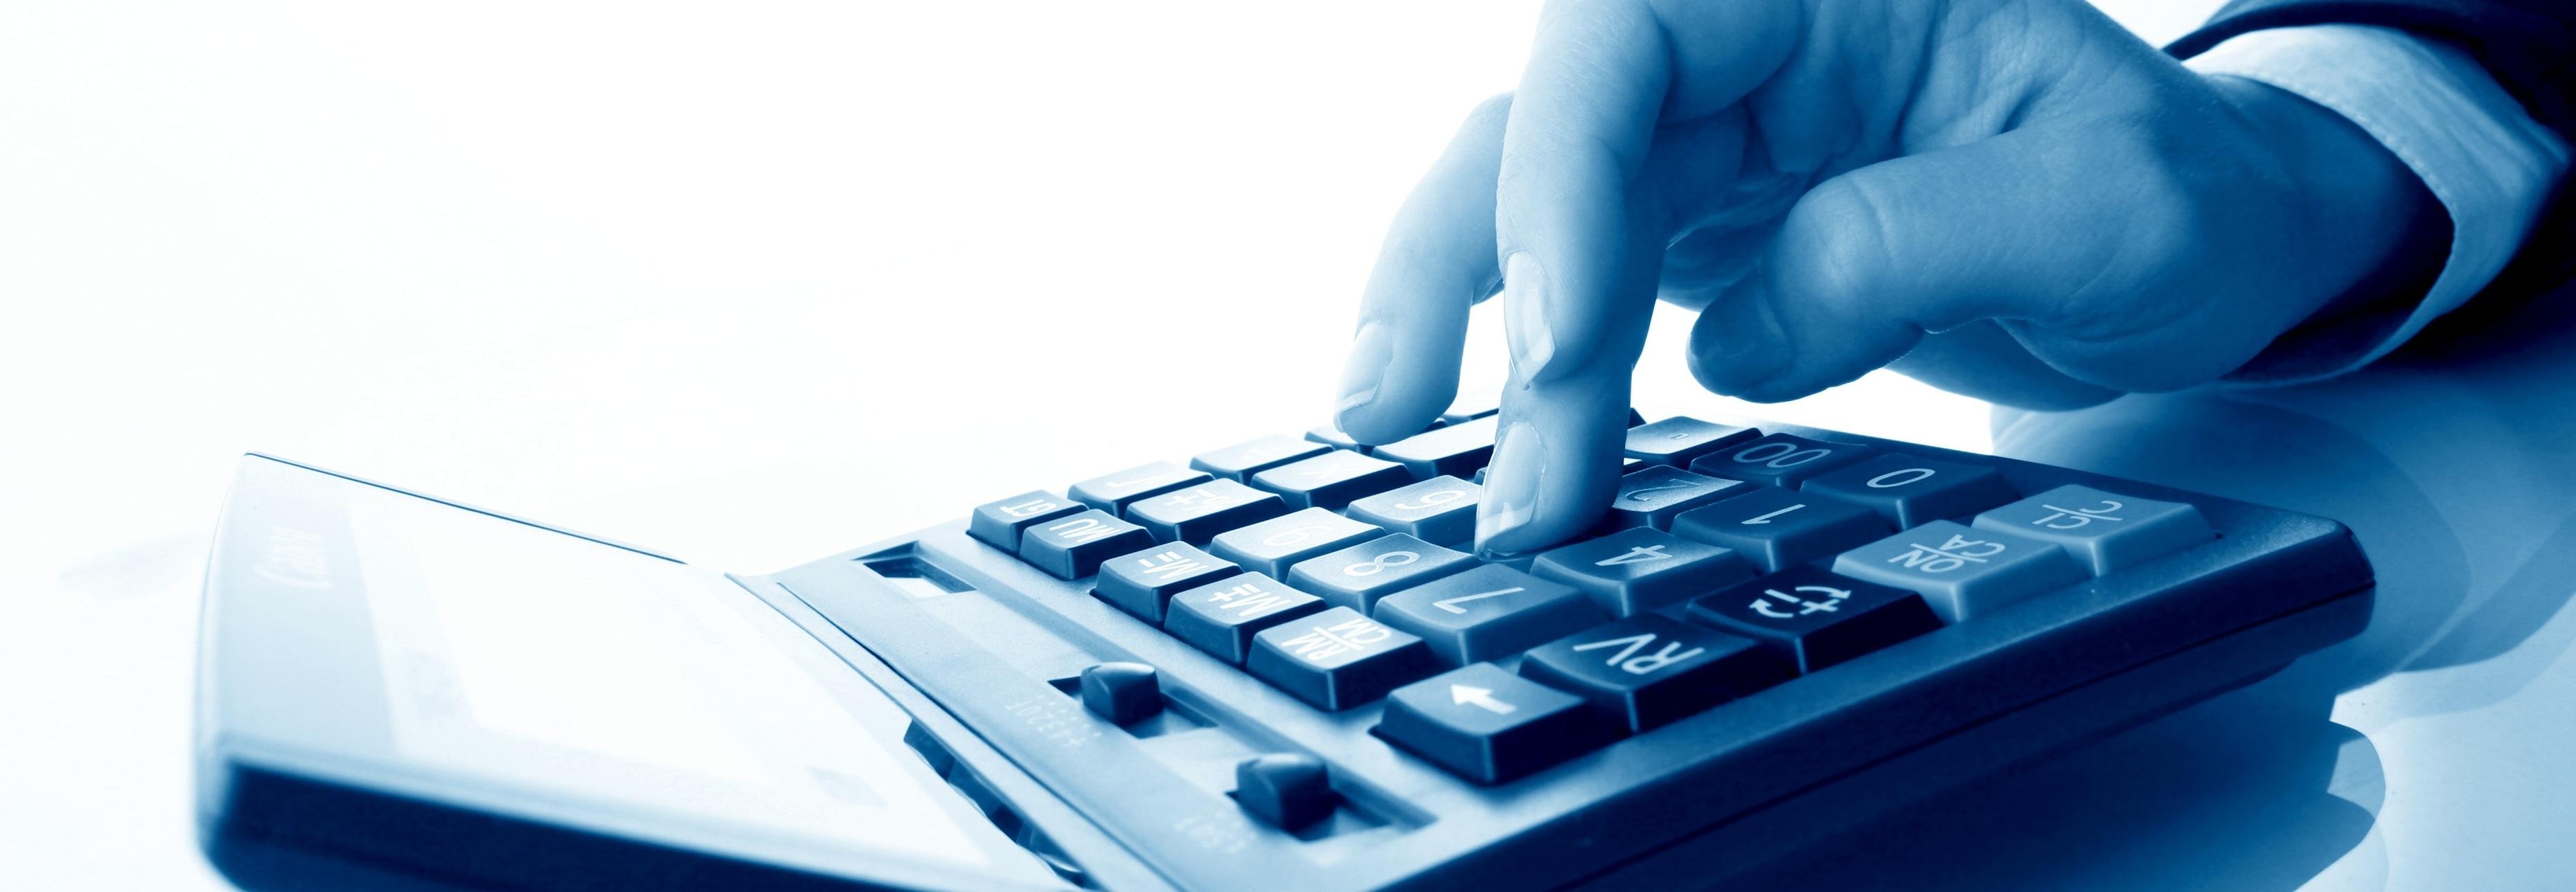 IRPF tipos impositivos tramos comunidades autónomas hacienda